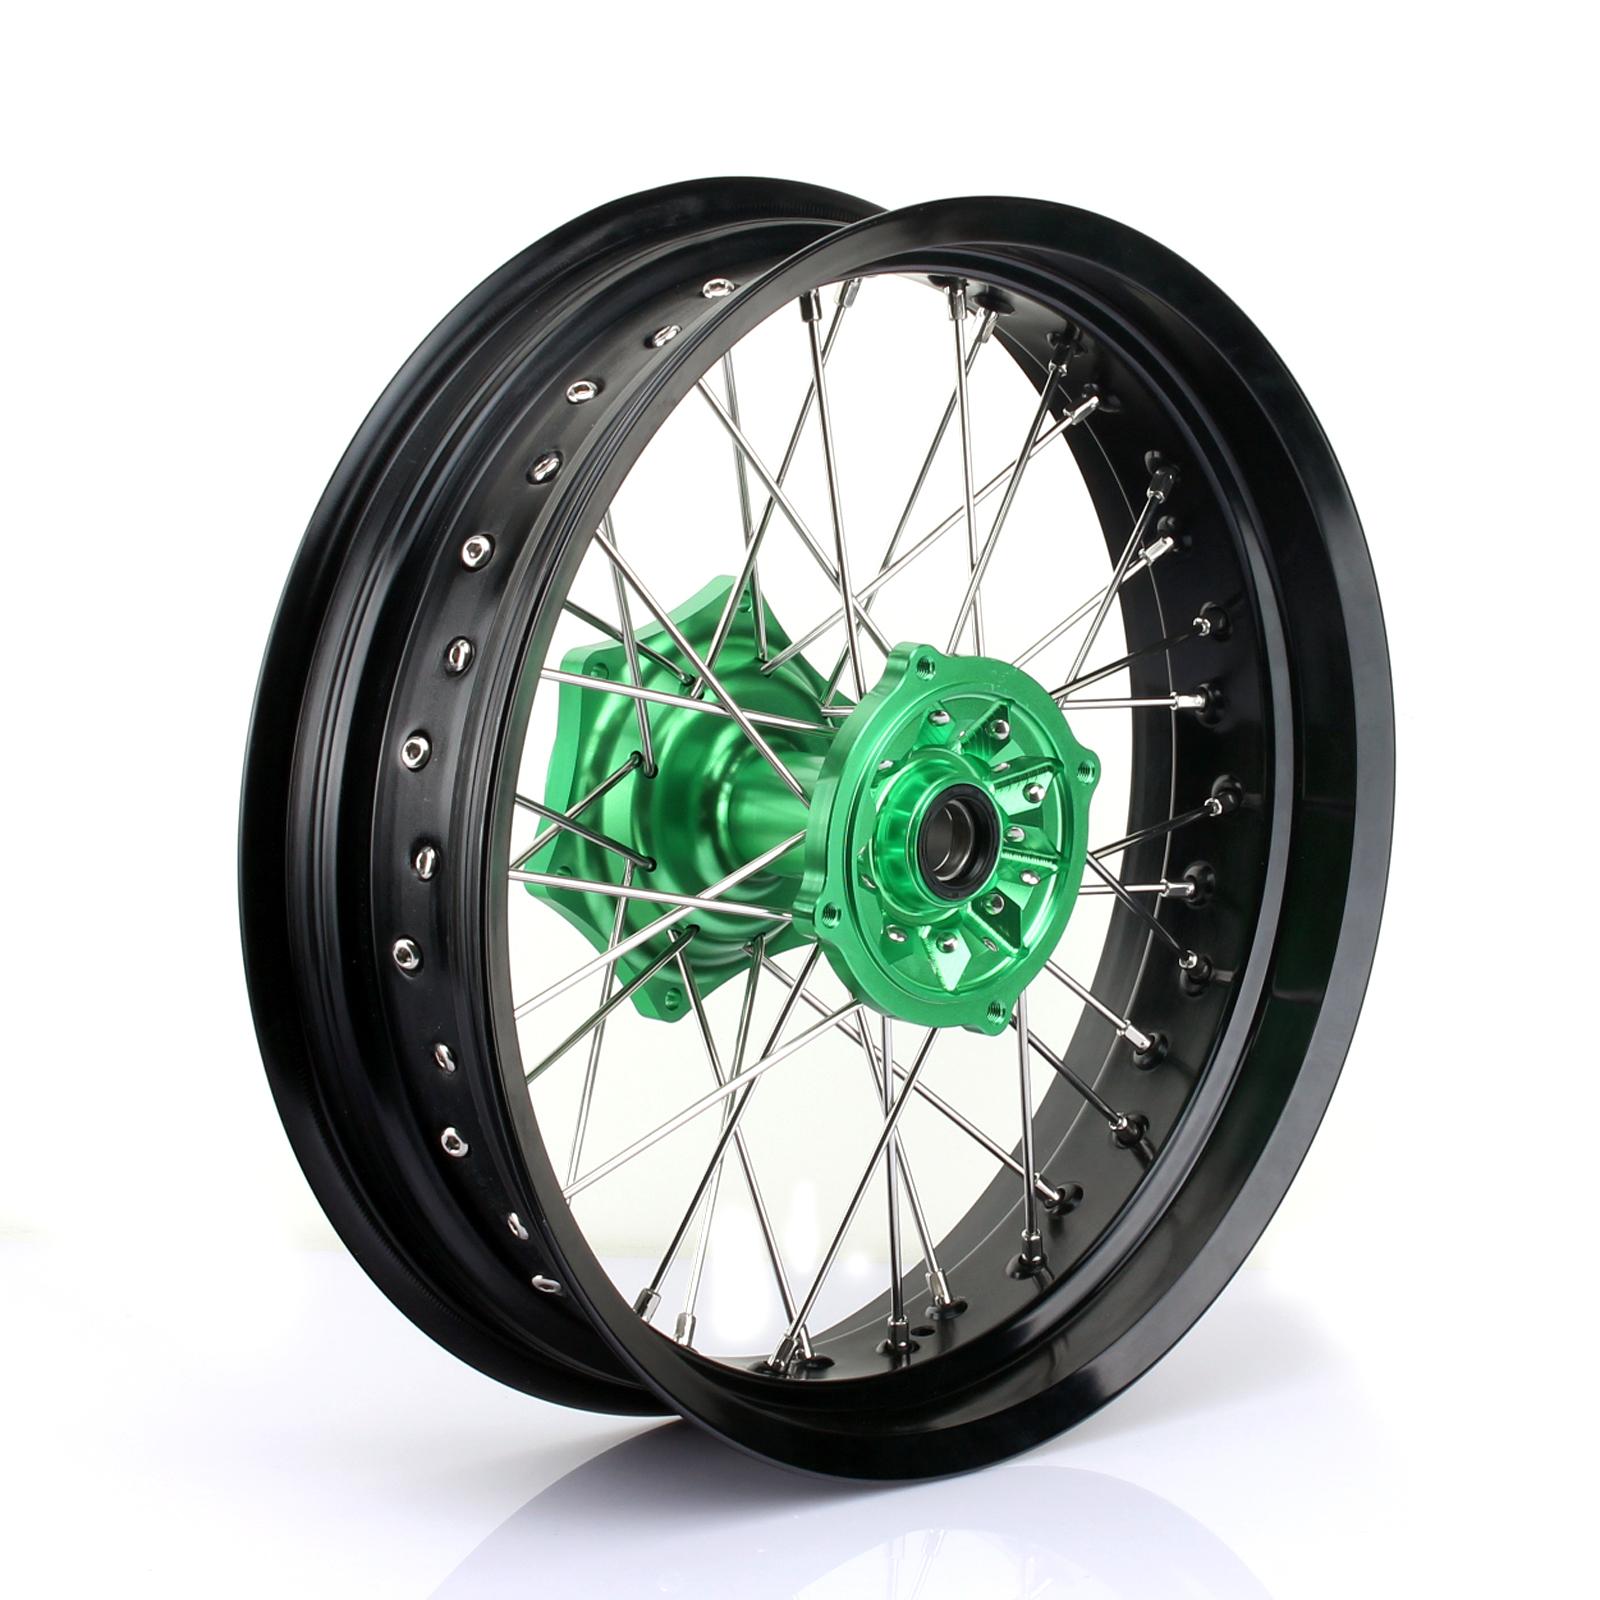 Smadmoto 17 x 4.25 Rear Wheel Kit Black Rim Green Hub for Kawasaki KX125 KX250 2003-2013 KX250F 2004-2019 KX450F 2006-2019 klx450 2007-2013